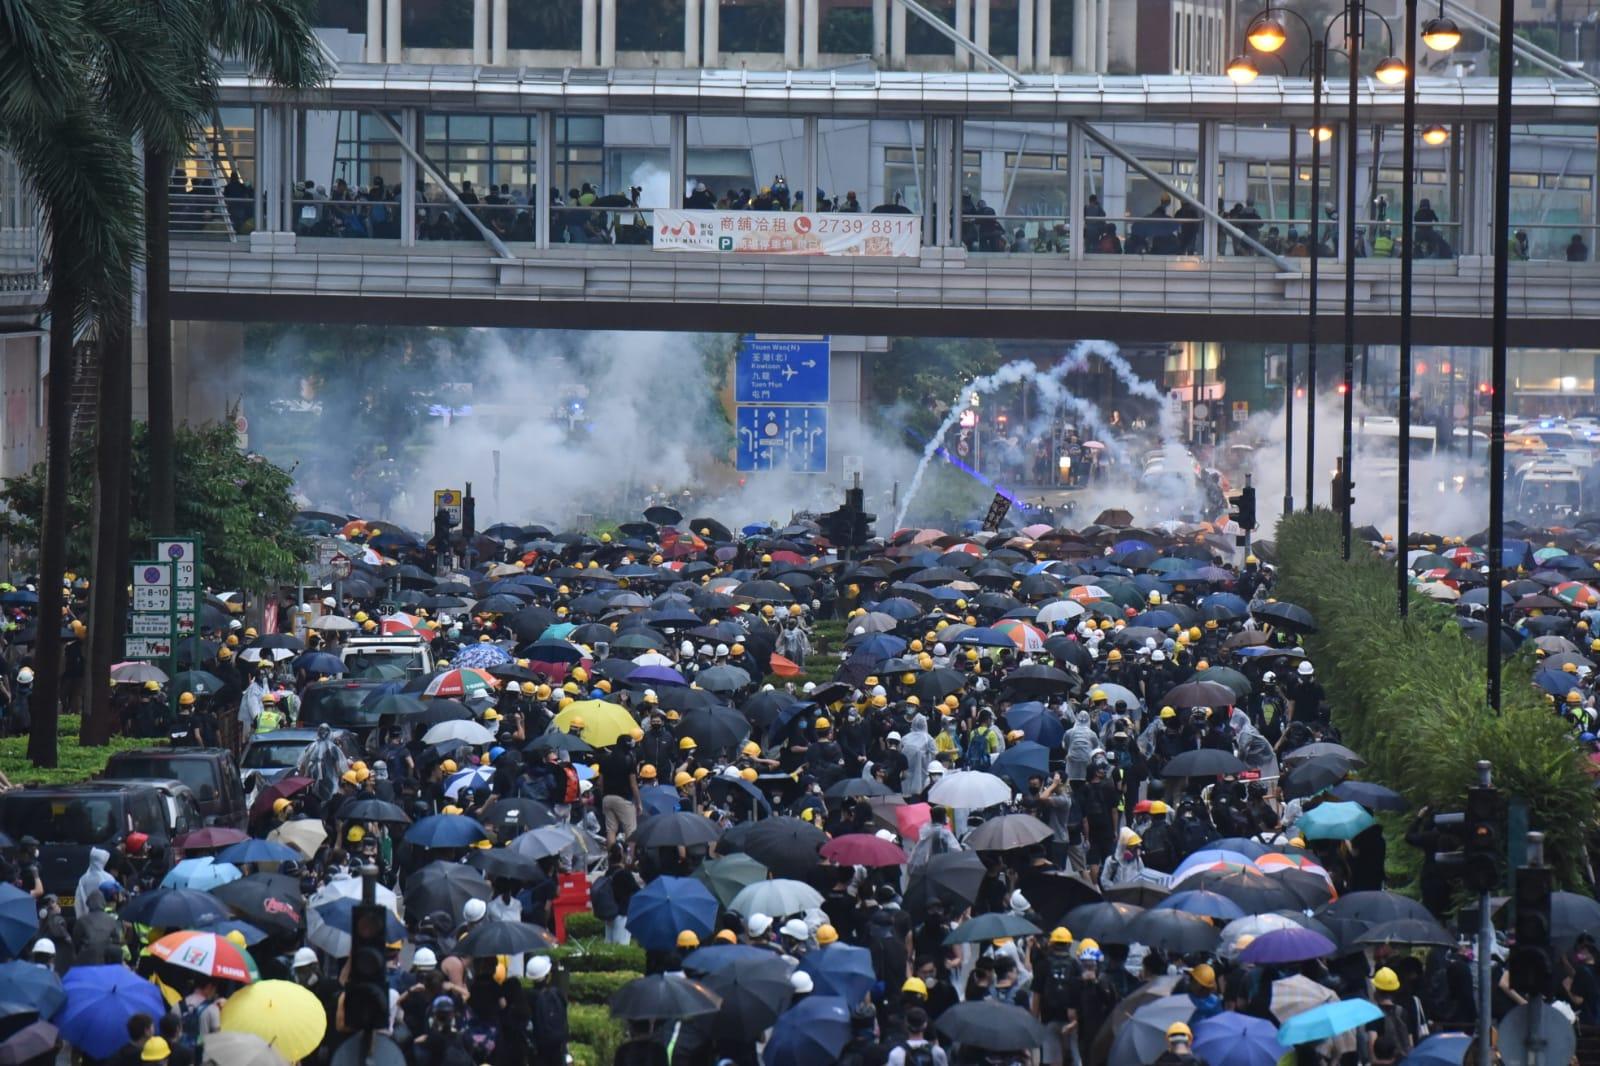 【荃葵青游行】警方杨屋道制服多人 示威者退守葵福路增设路障